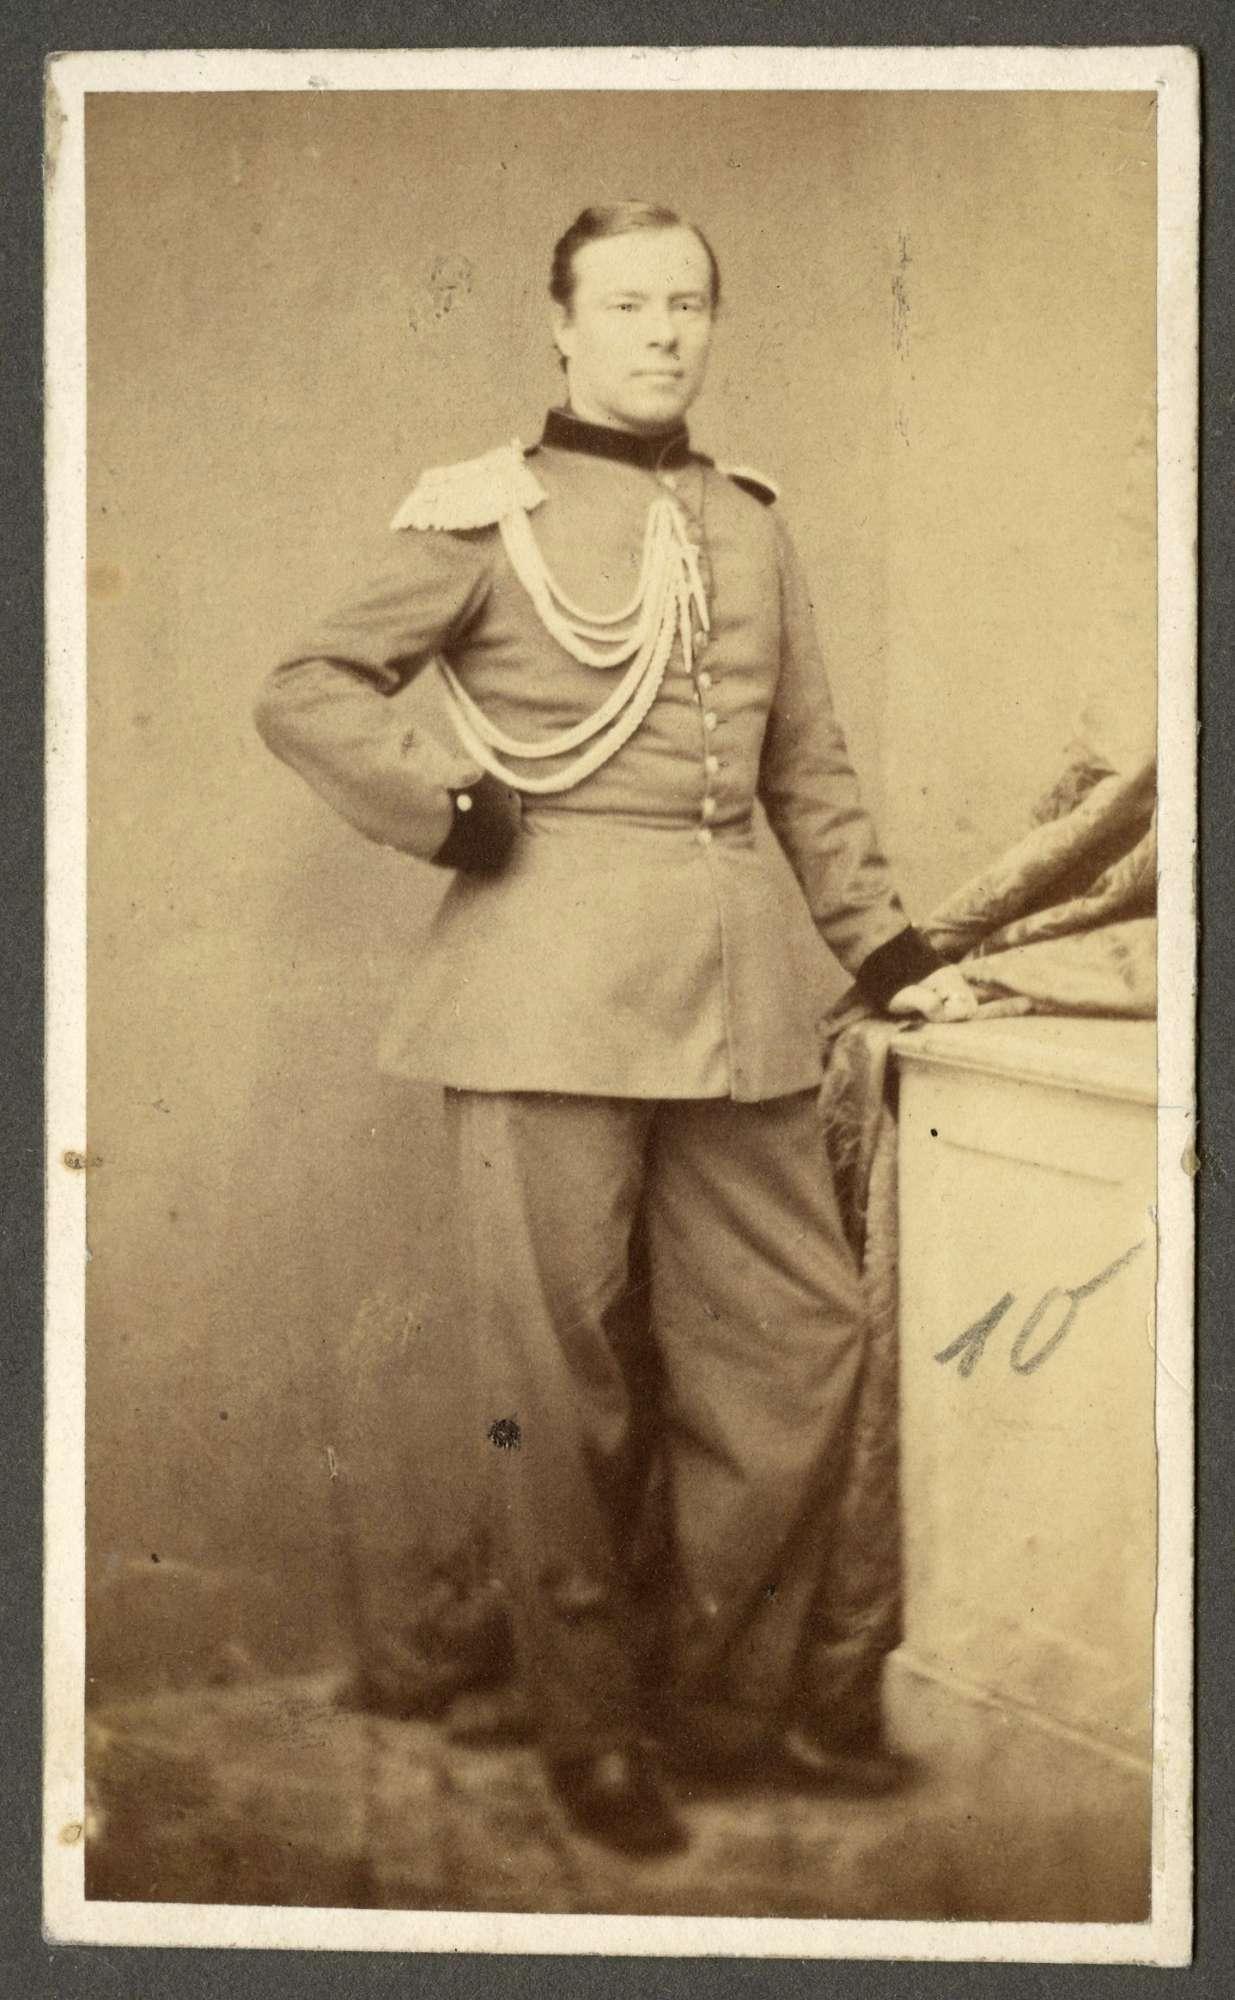 Triebig, Paul Friedrich von, Bild 1